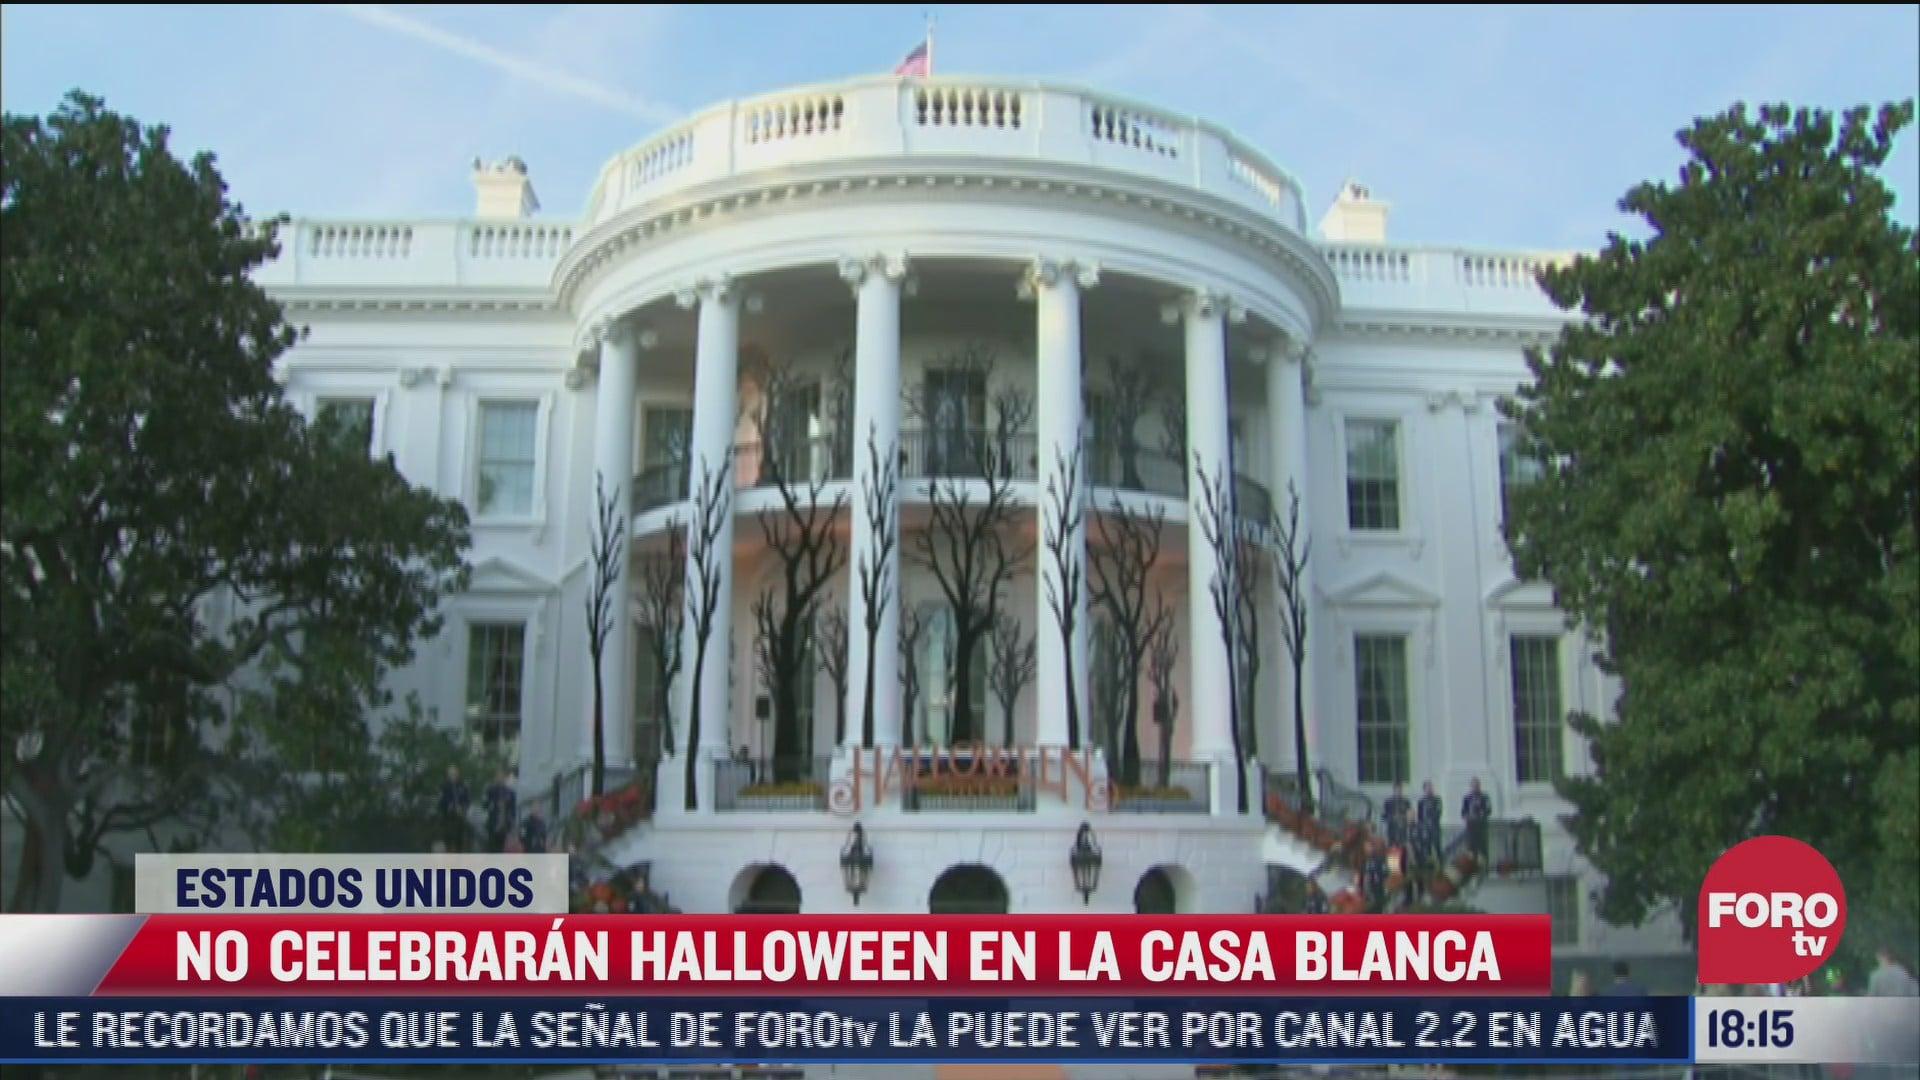 la casa blanca se queda sin festejo de halloween